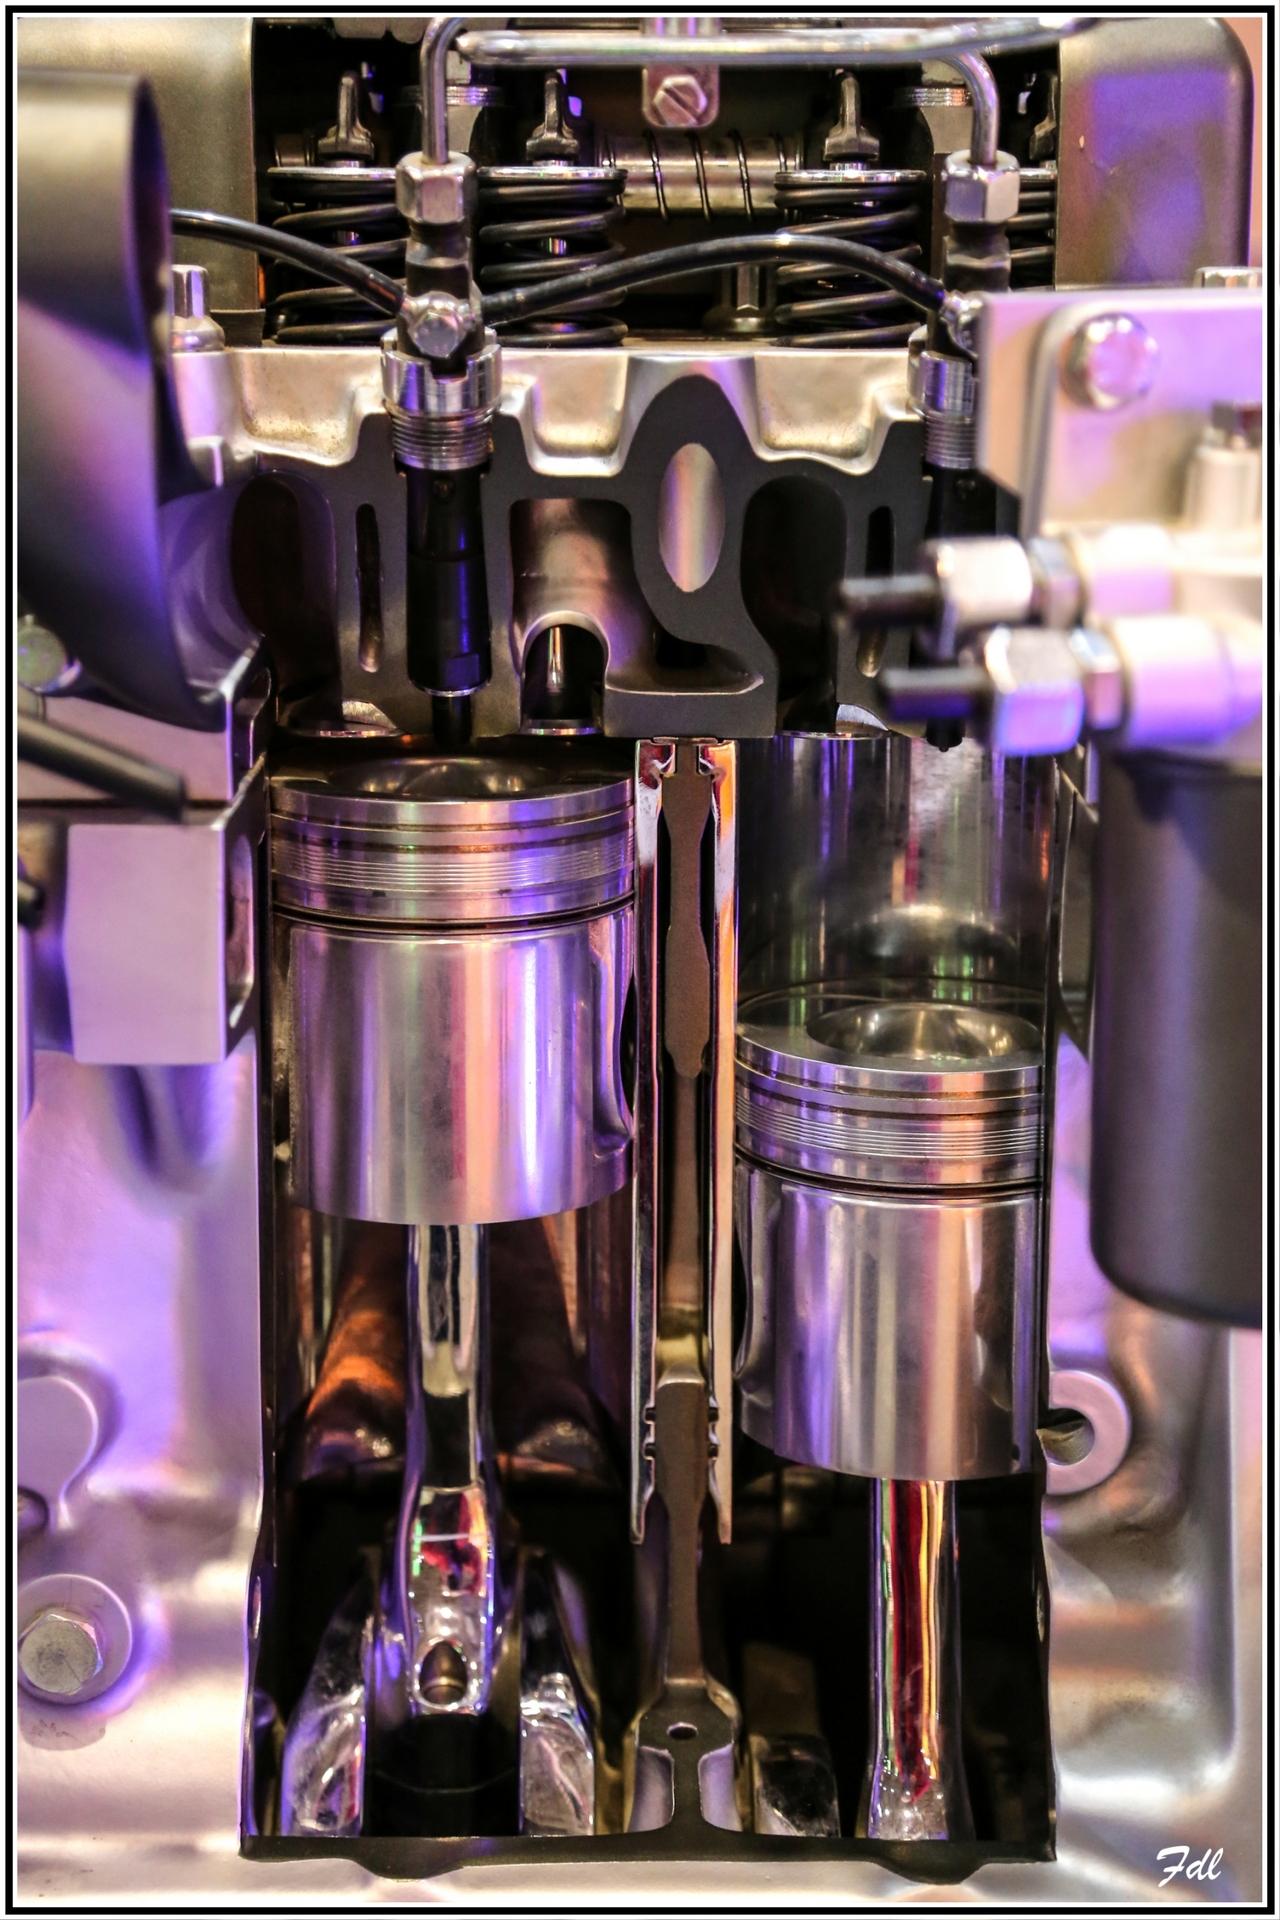 Dom industrie metiers 288 - LR1 1600x240